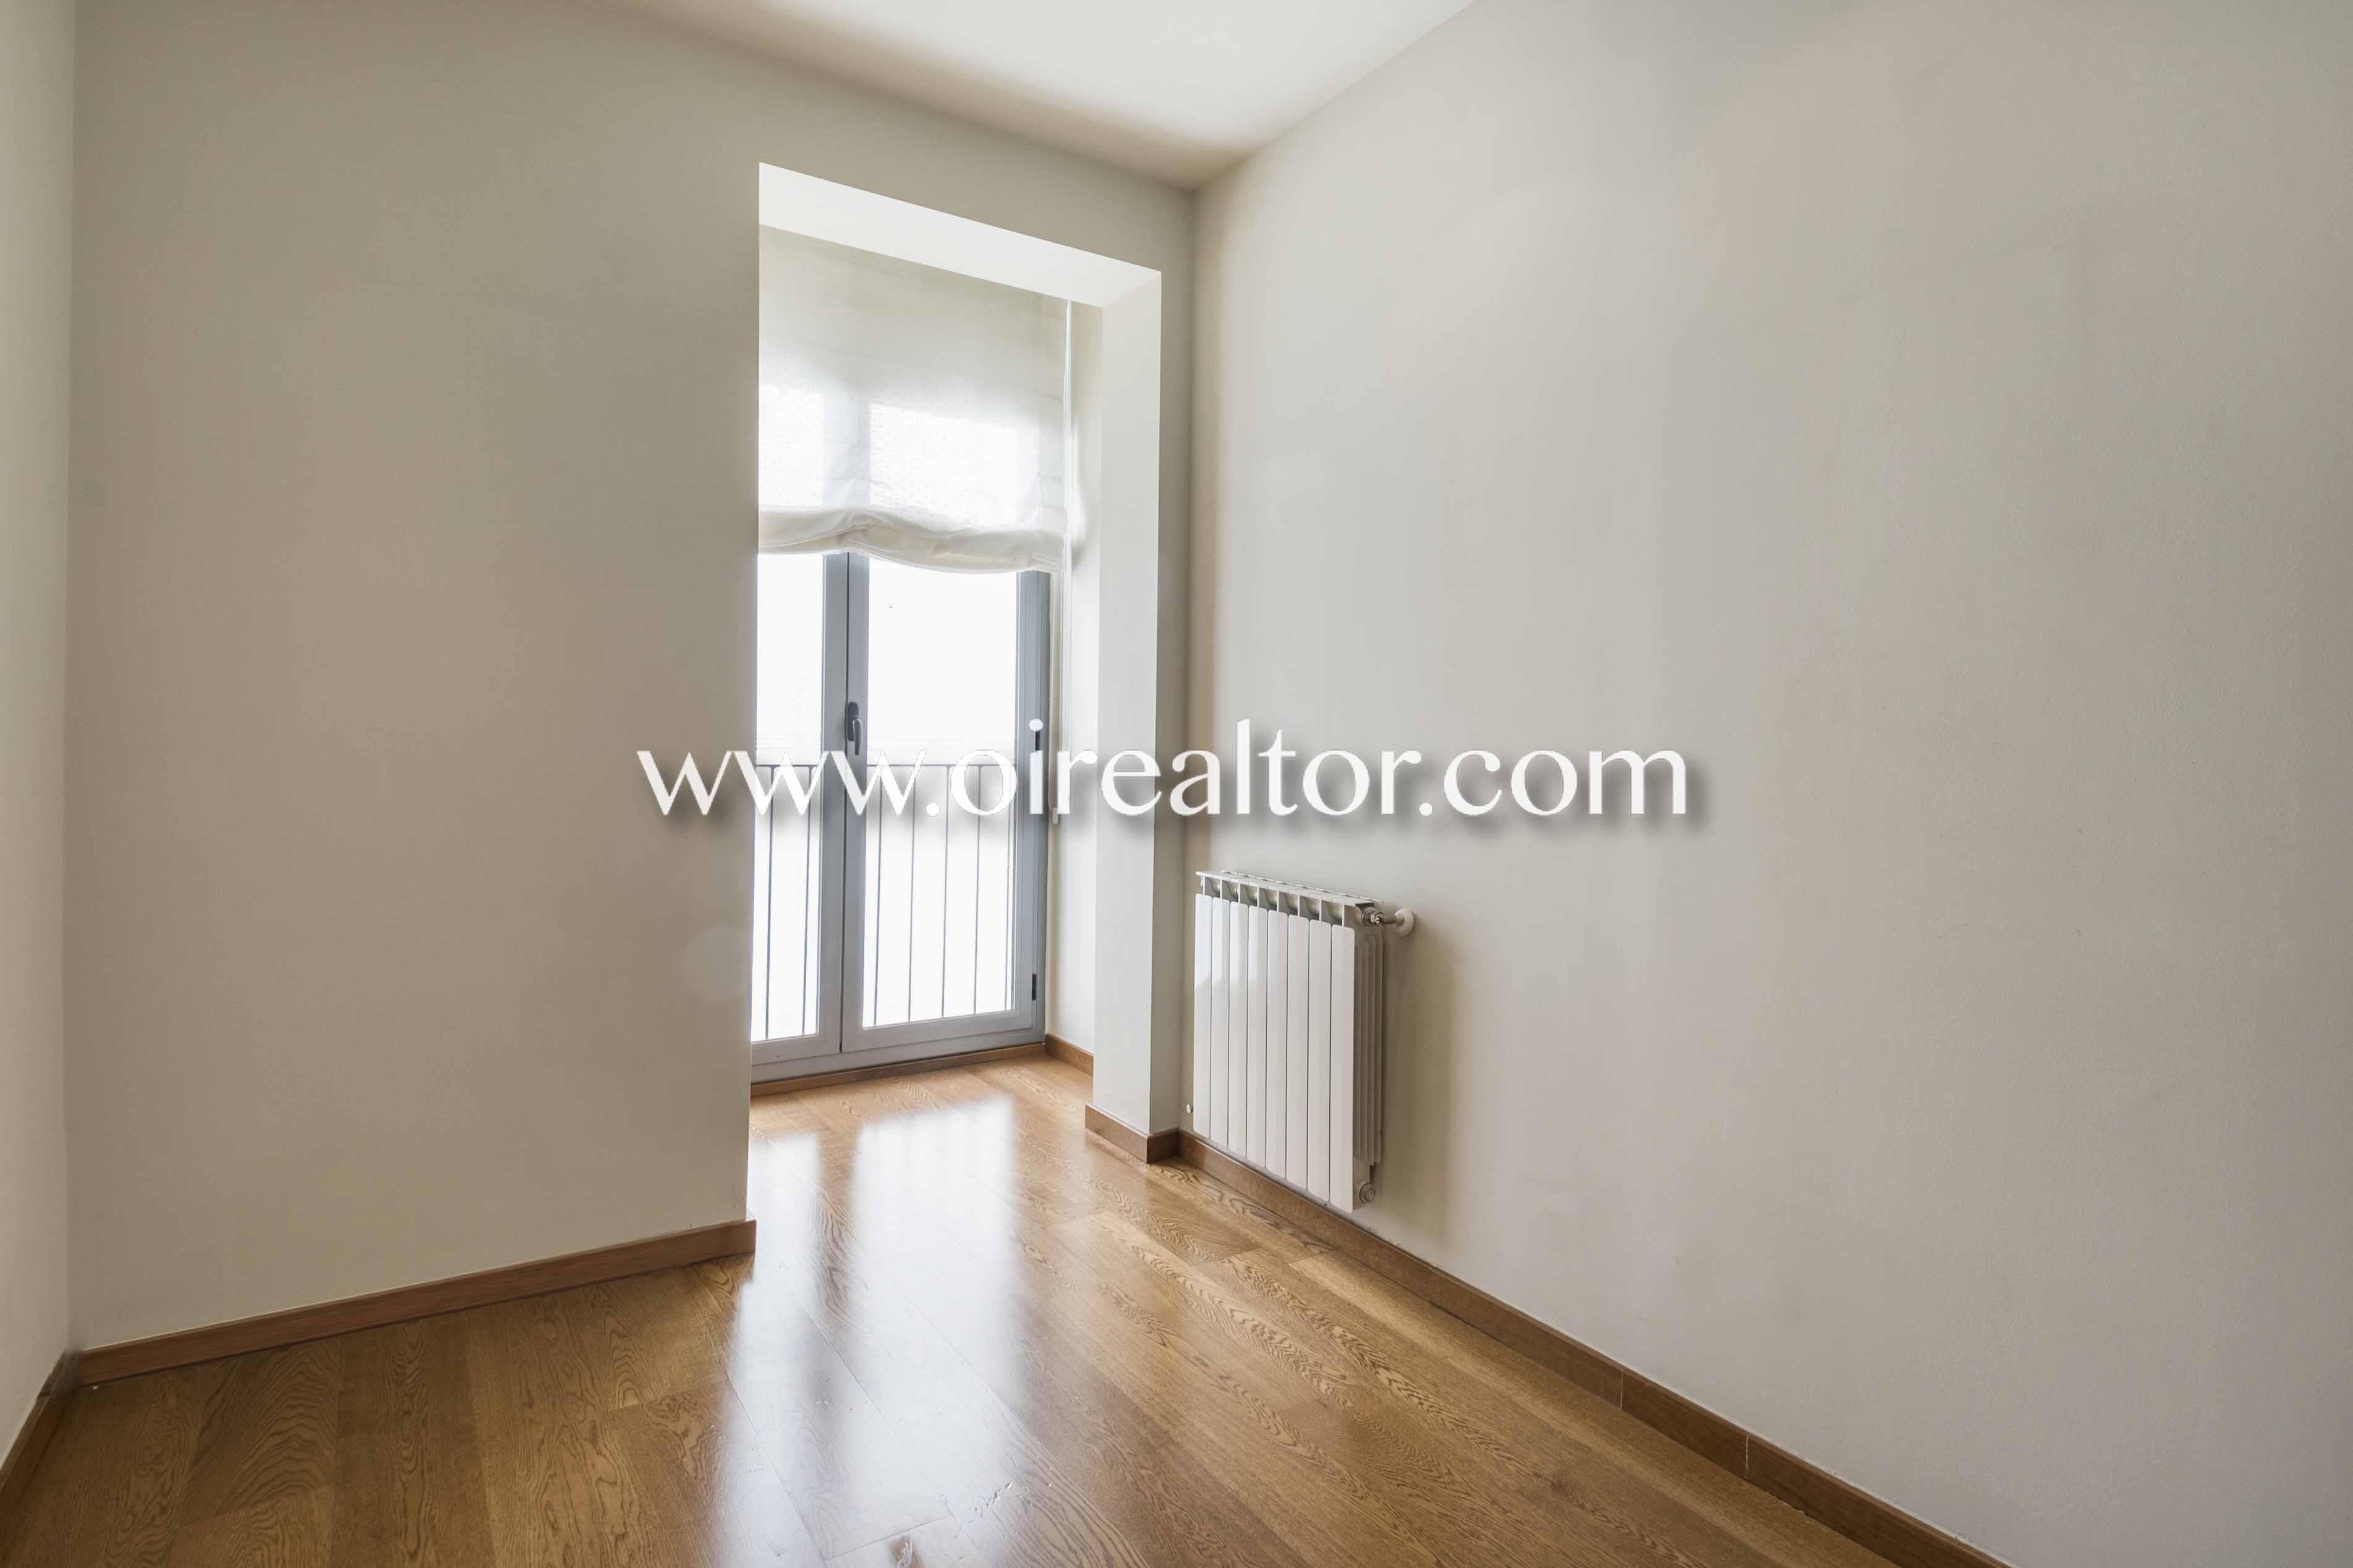 piso sin muebles, piso vacío, suelo de parquet, parquet, soleado, luminoso, piso luminoso